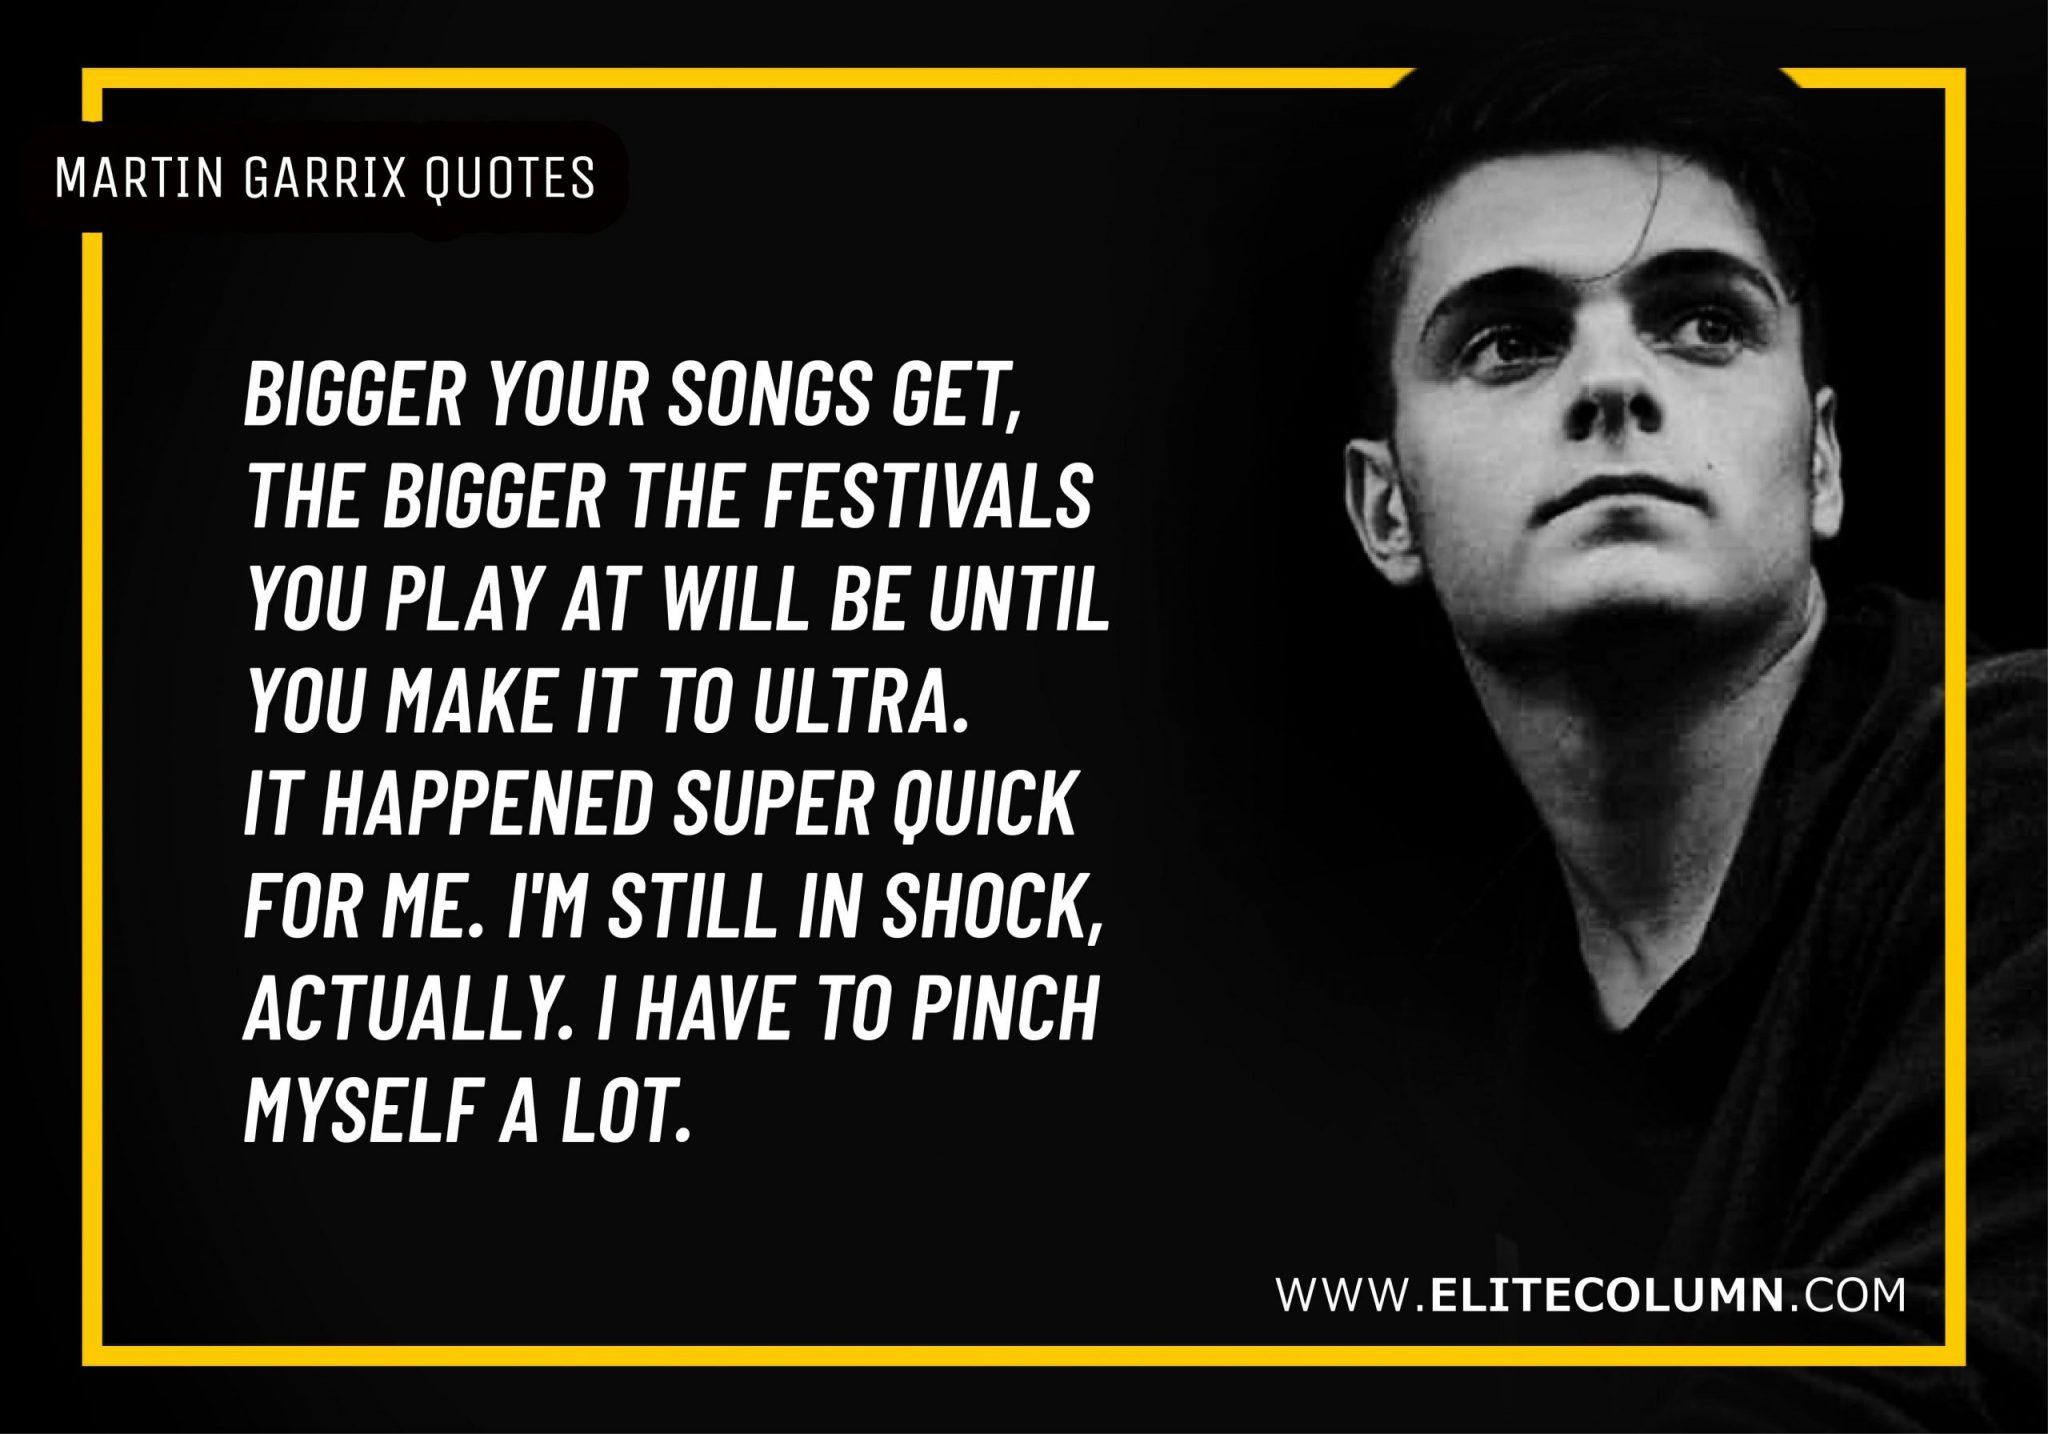 Martin Garrix Quotes (5)